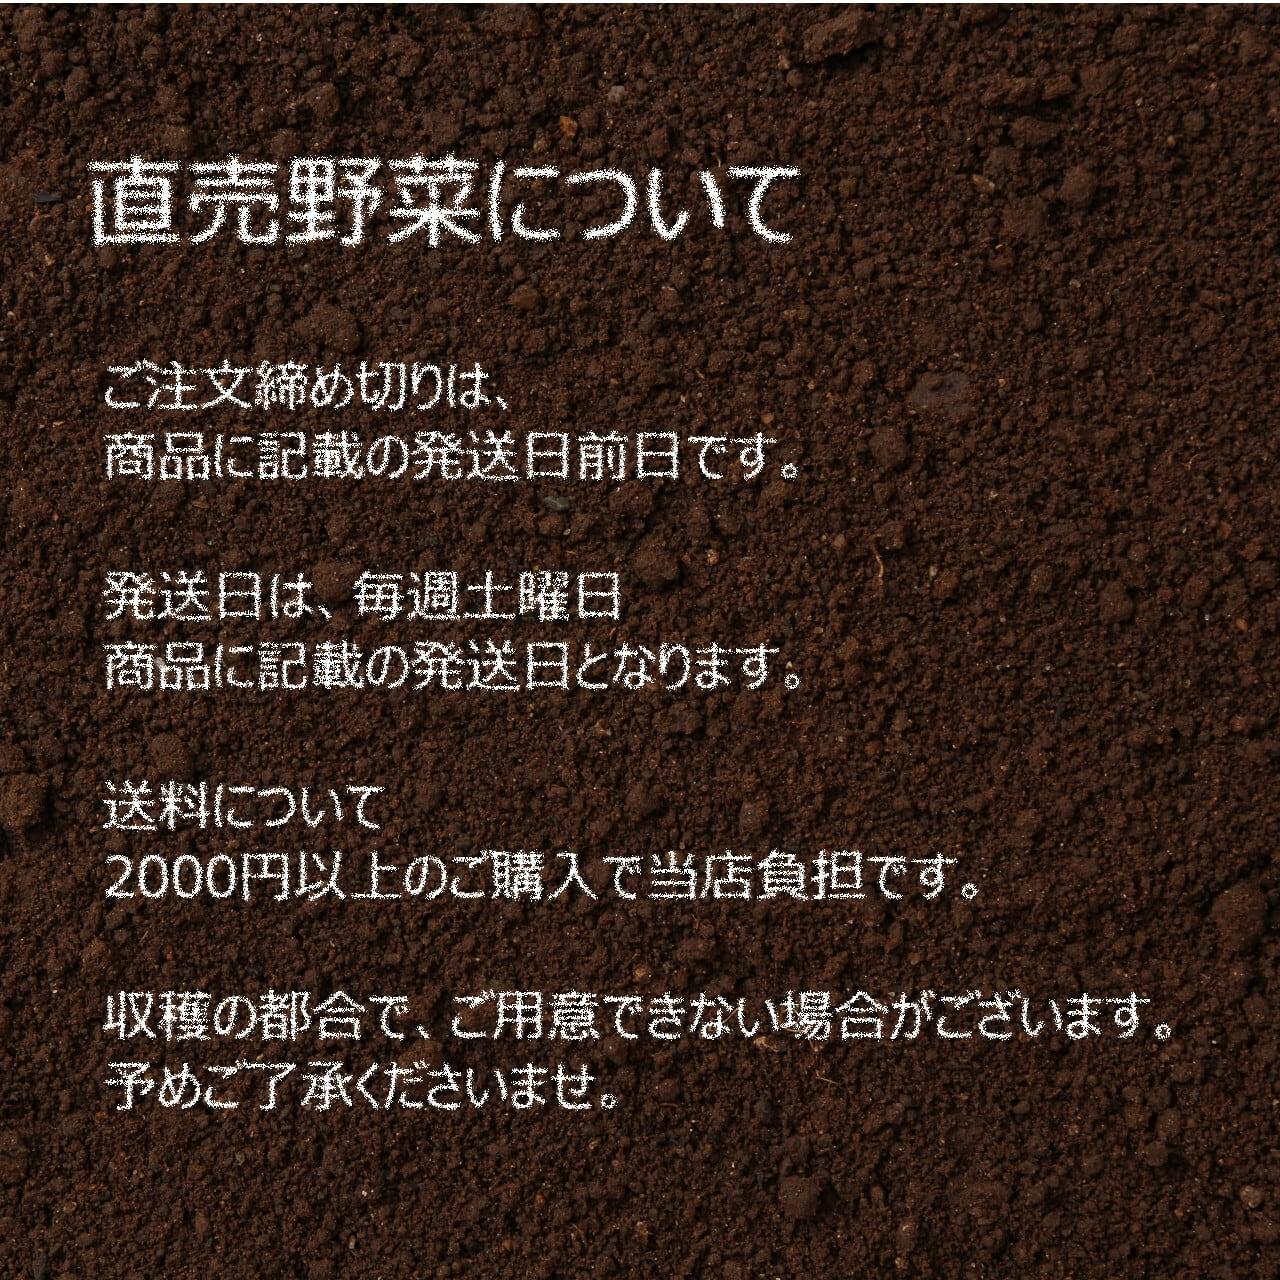 新鮮な夏野菜 : 大葉 約100g 8月の朝採り直売野菜 8月29日発送予定